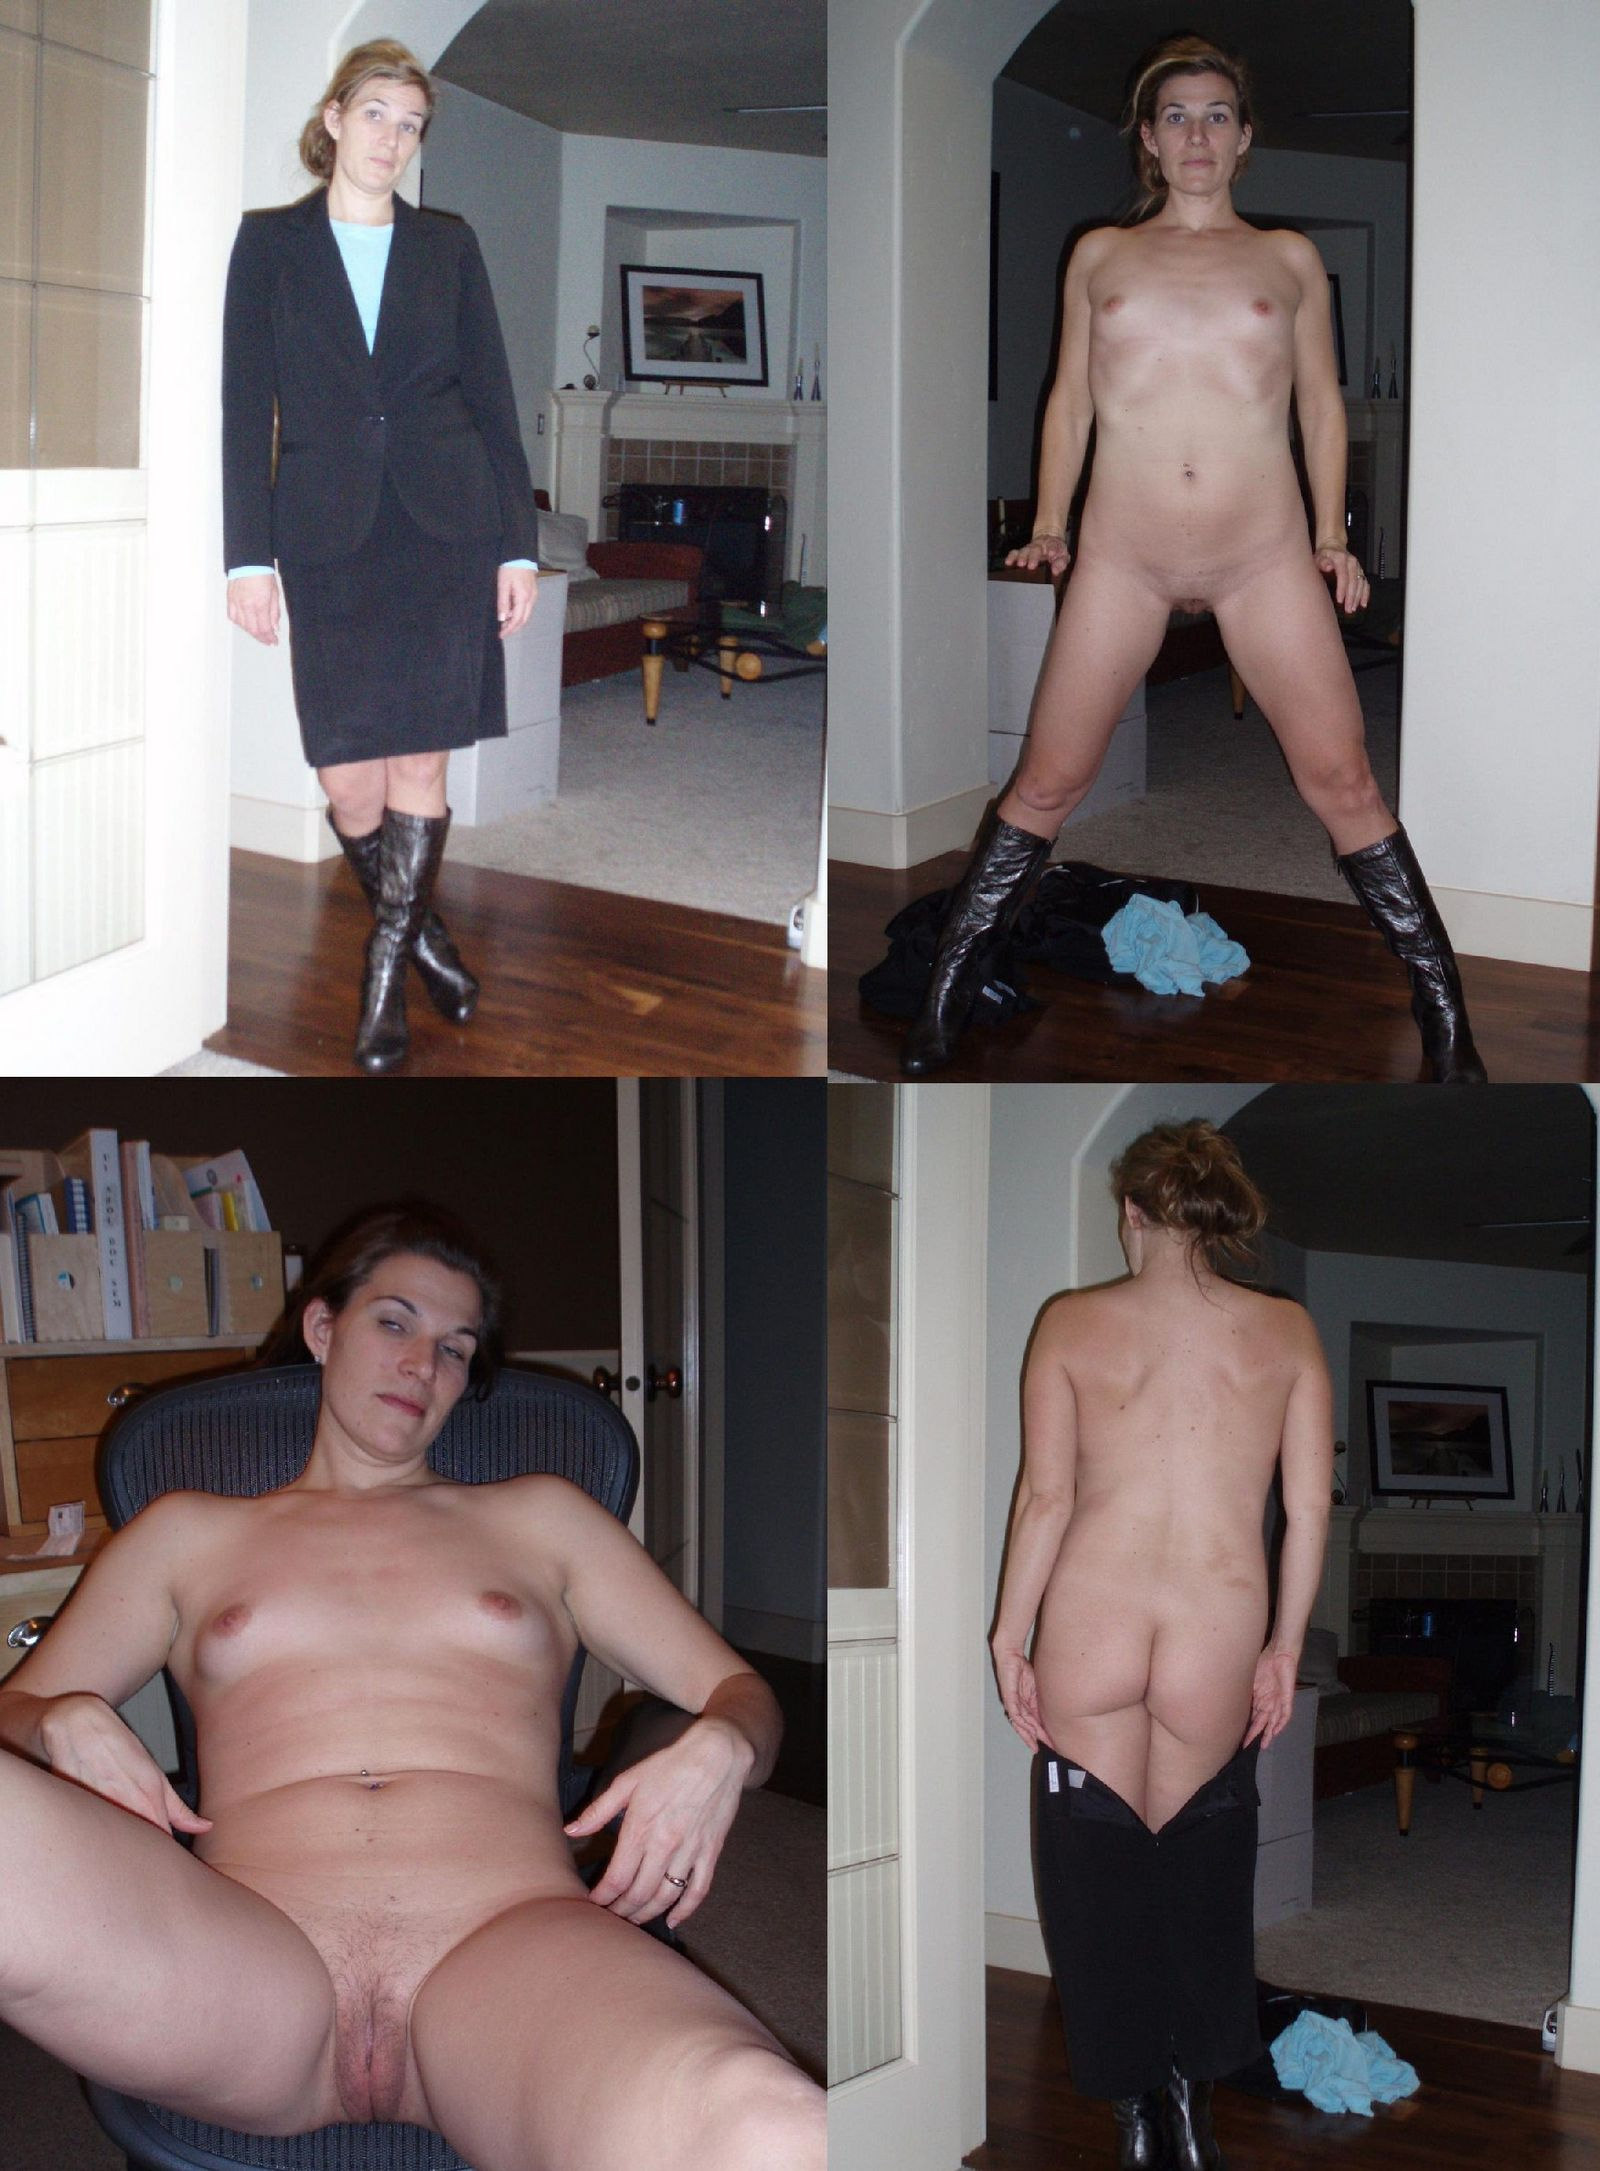 Фото сравнения одетых и раздетых женщин